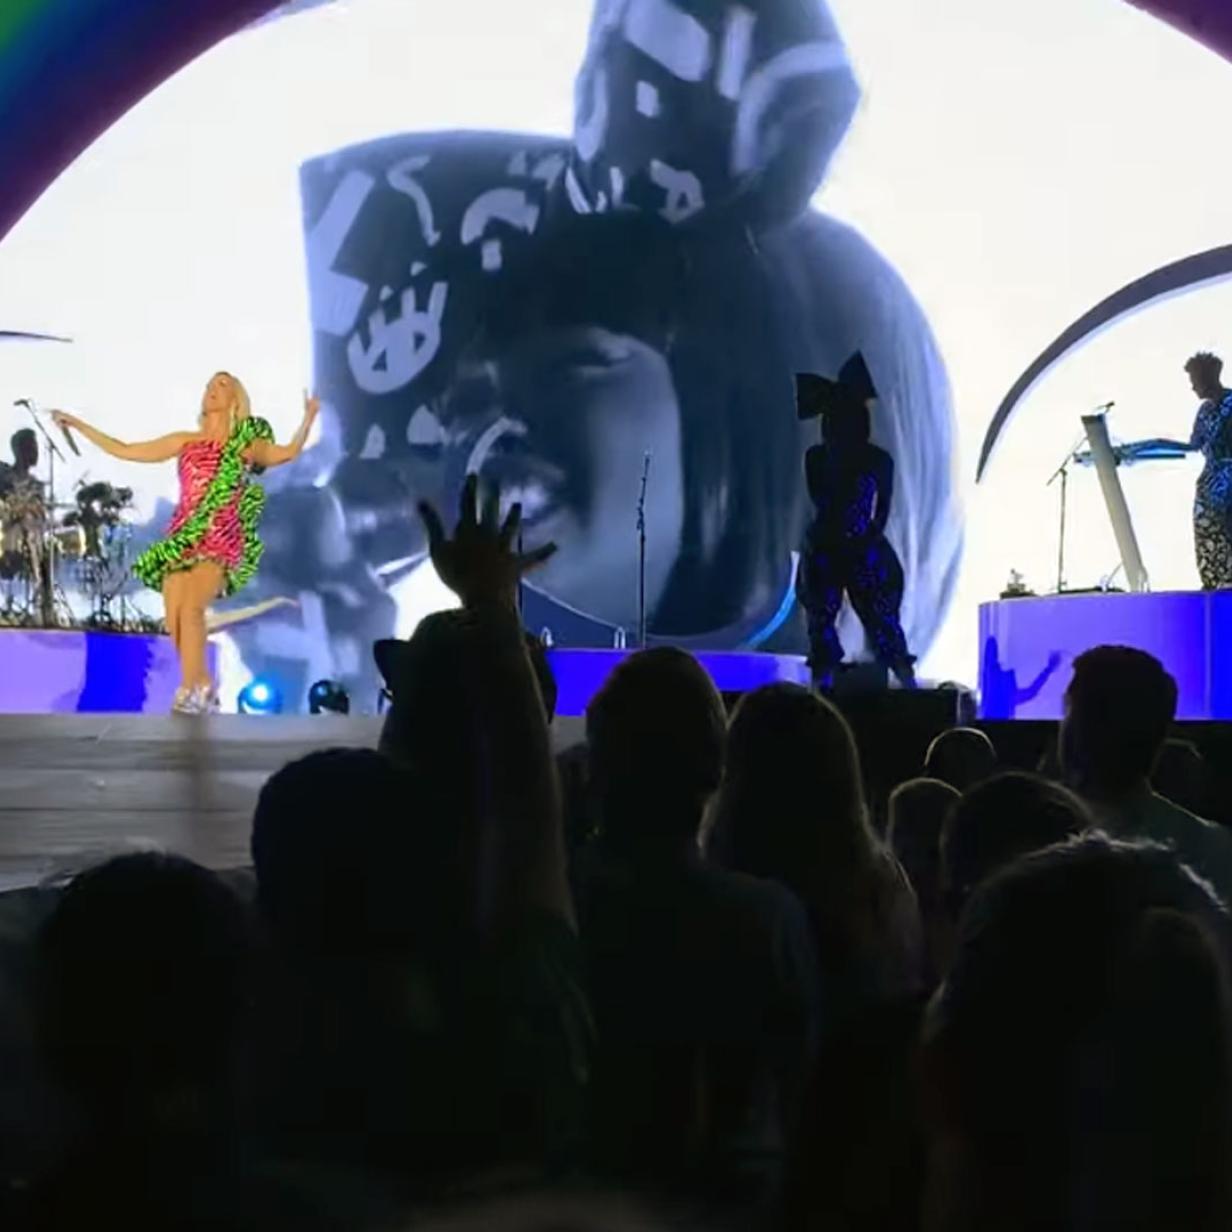 Amazon buchte Katy Perry für gigantische Firmenfeier in Stadion